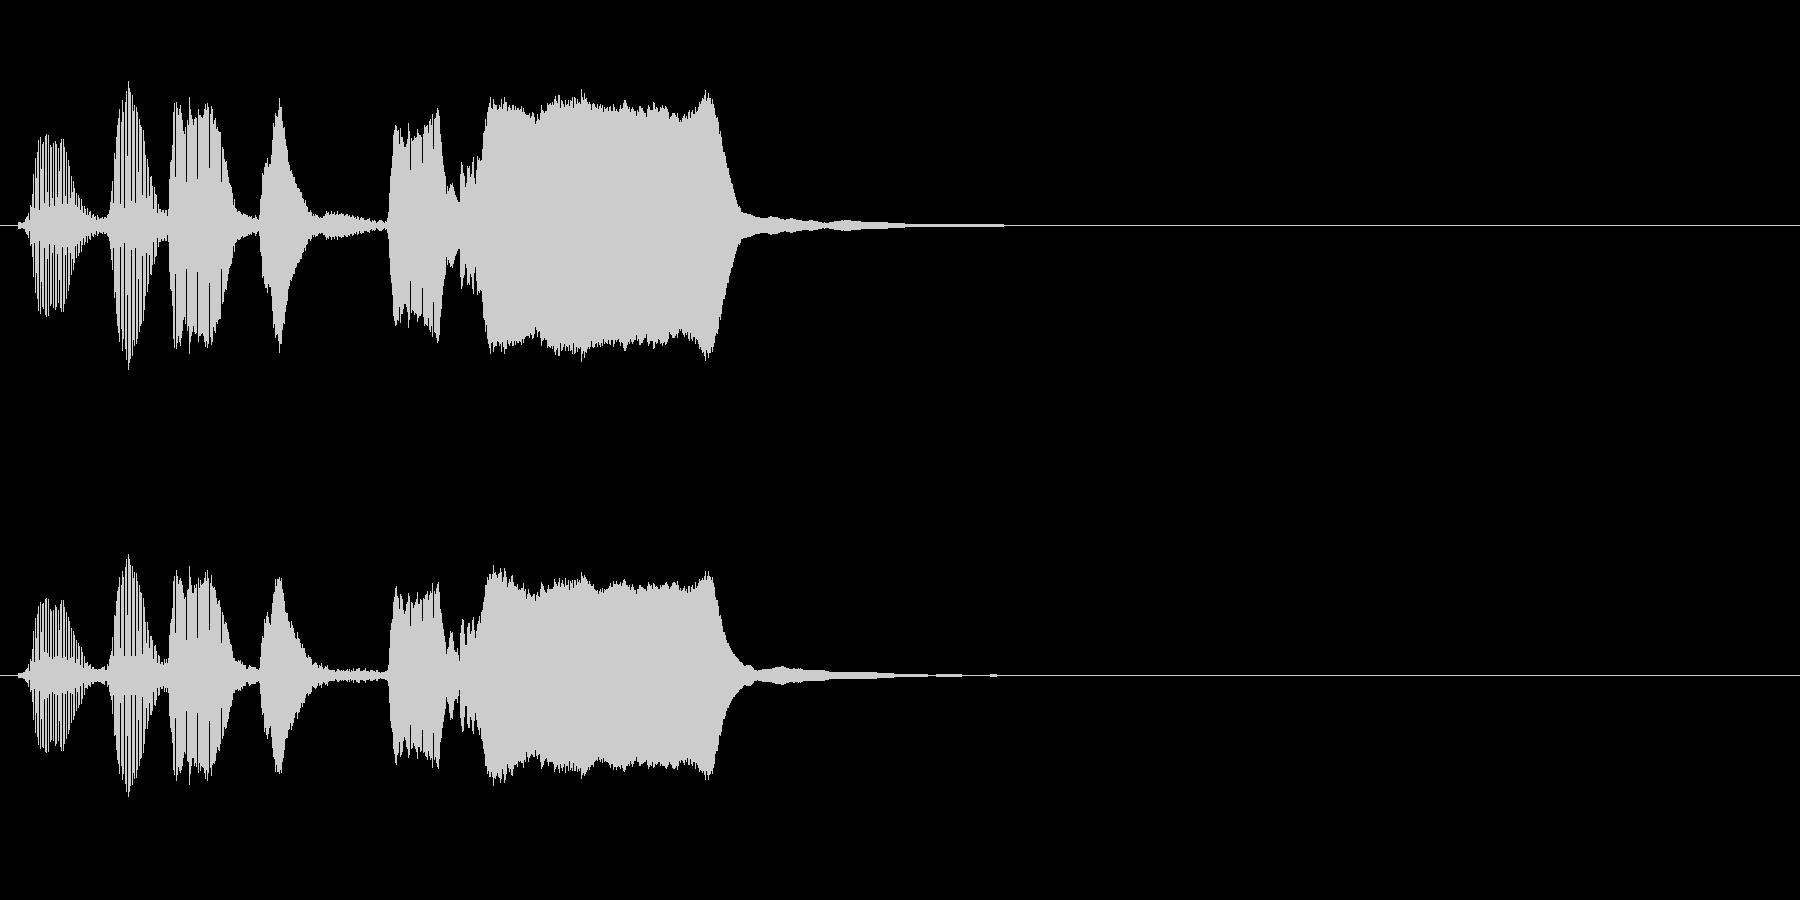 よくあるトランペットの効果音の未再生の波形